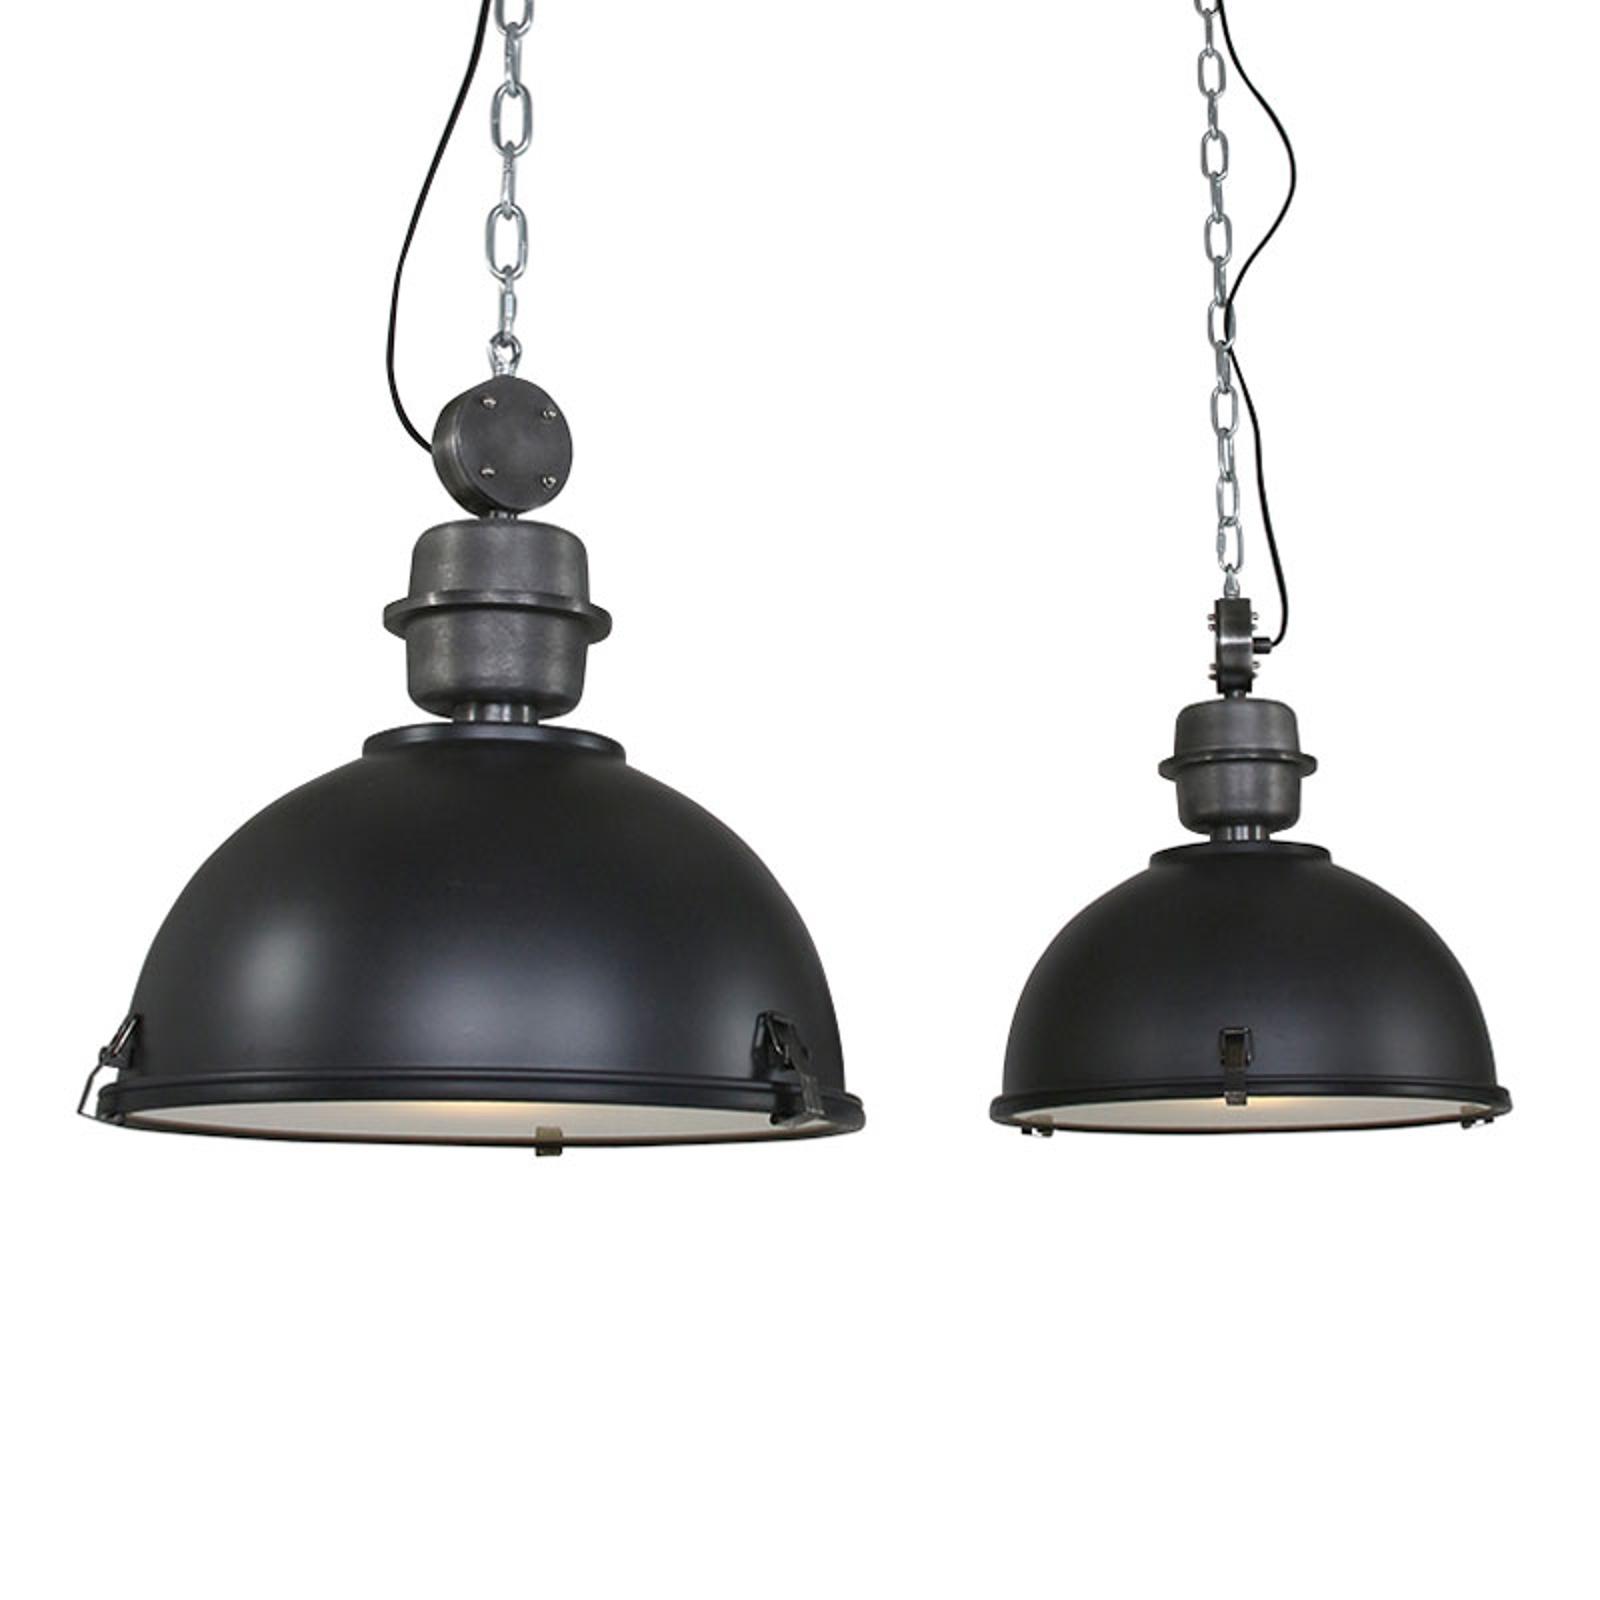 Riippuvalaisin Bikkel 2-lamppuinen, musta